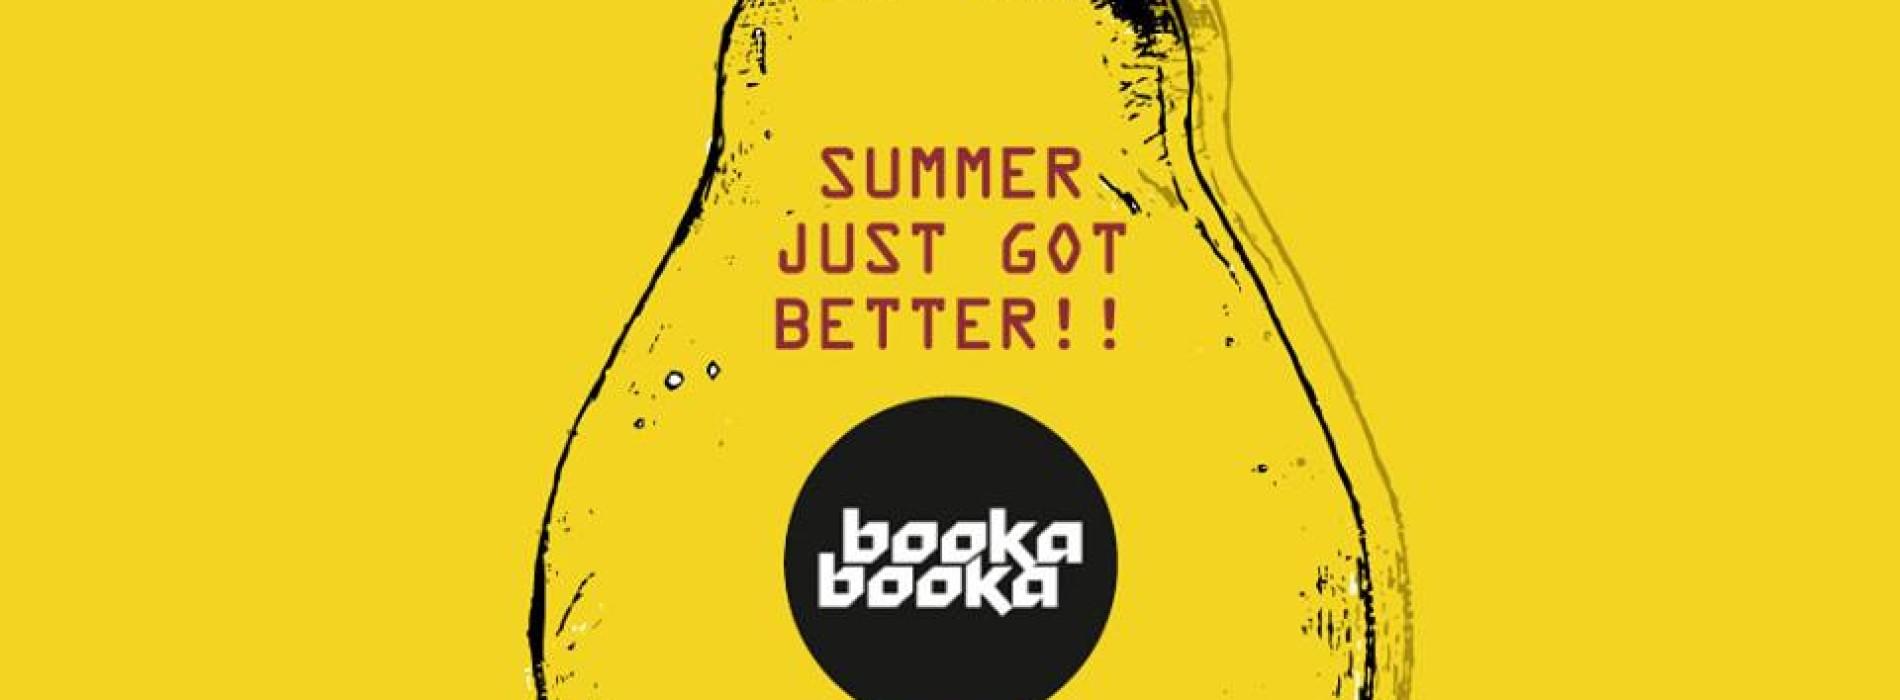 Booka Booka Is Back In July!